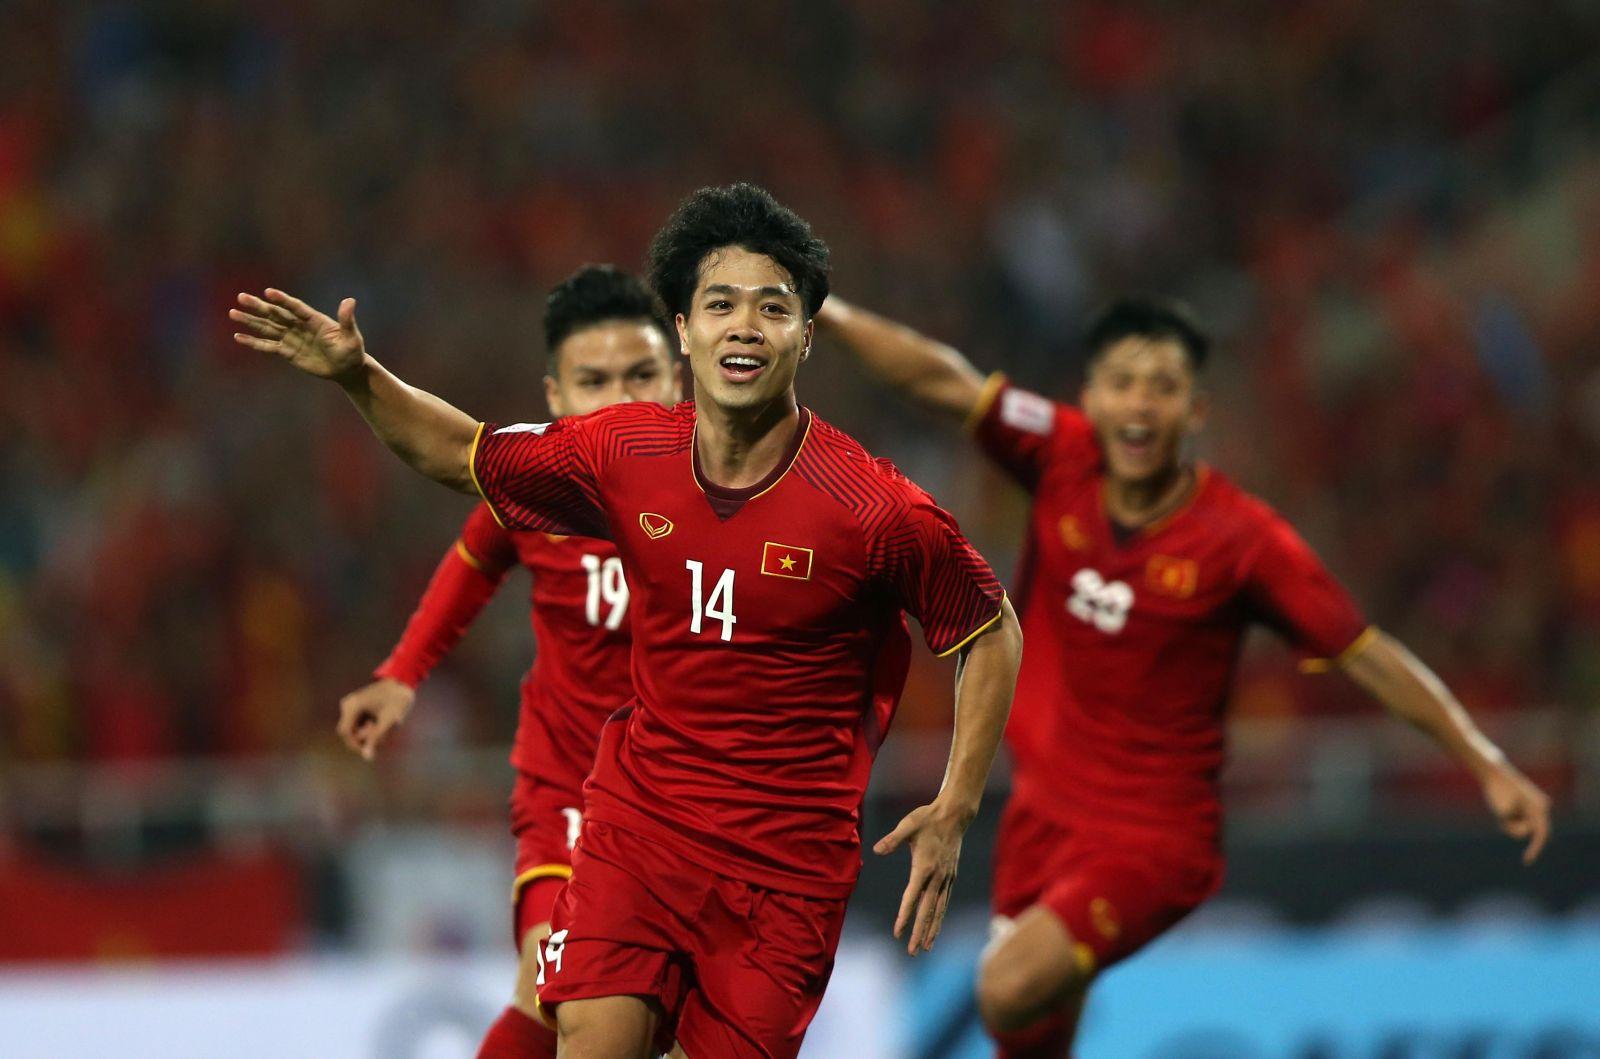 Thắng Malaysia 2-0, Đội tuyển Việt Nam rộng đường vào bán kết